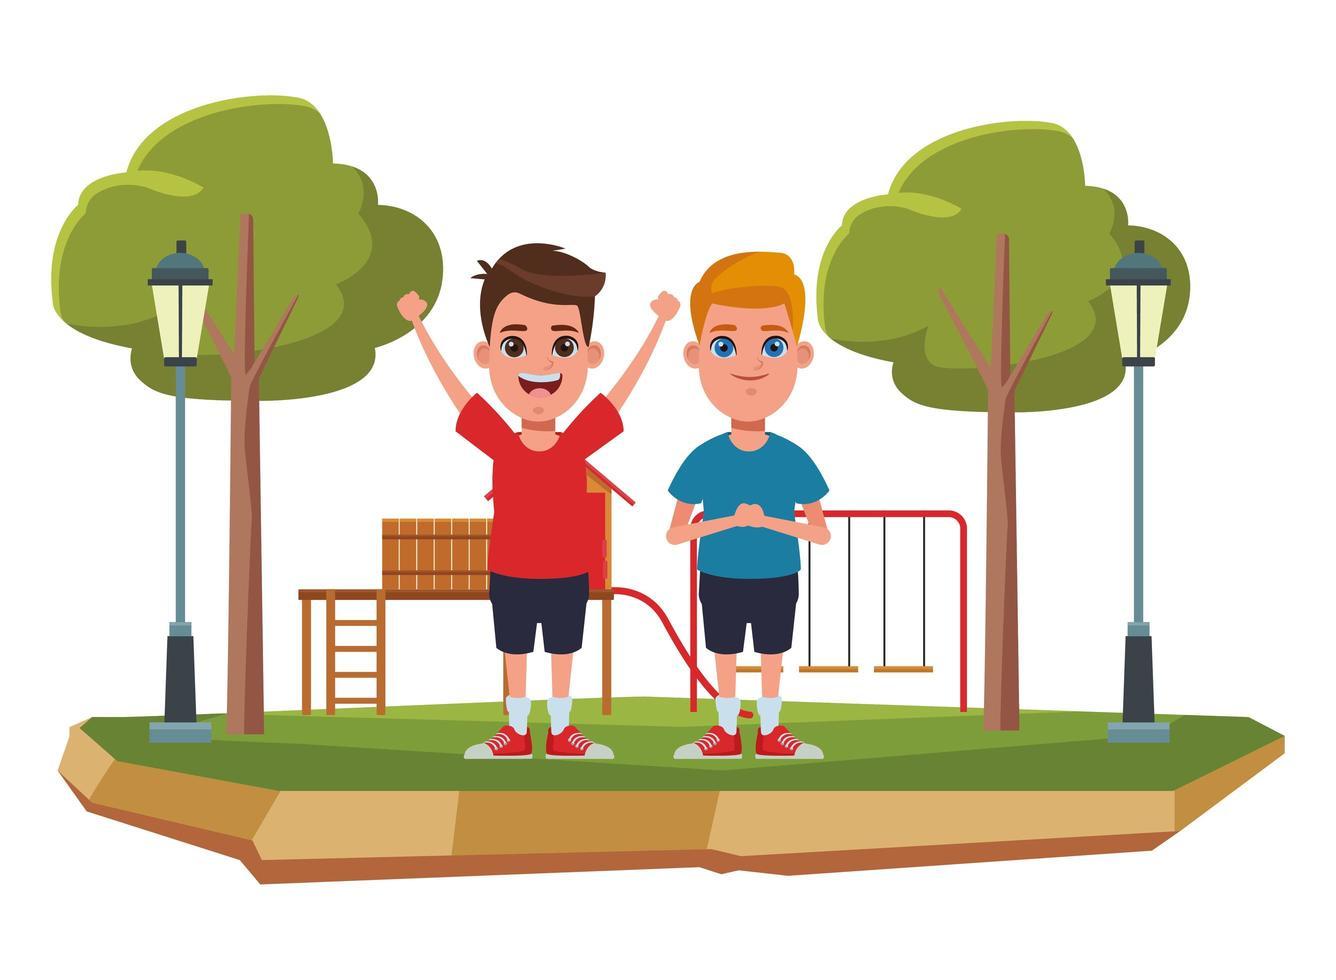 personnages de dessins animés enfants vecteur